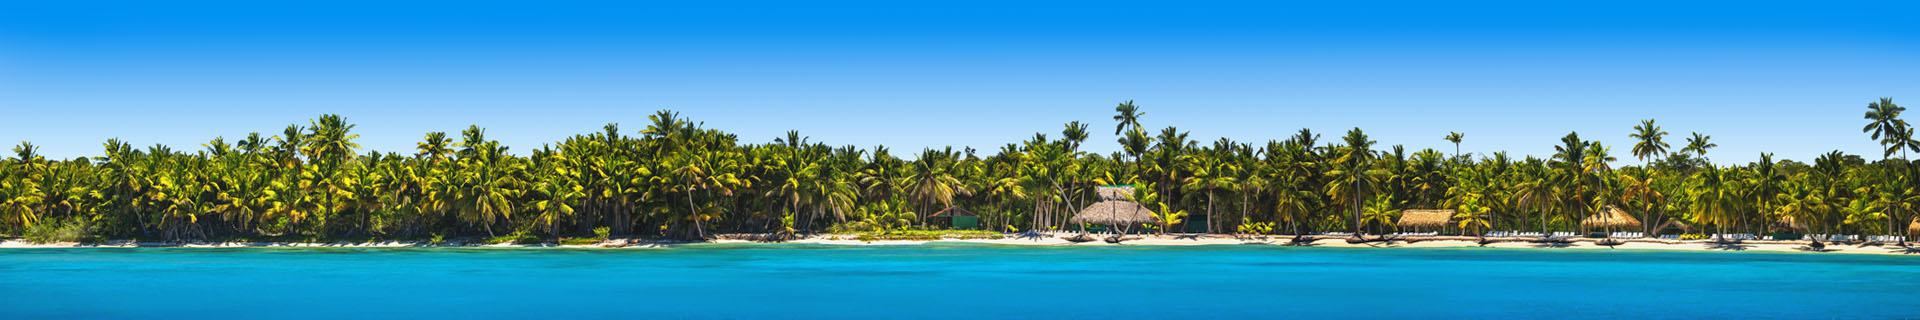 Uitzicht op de zee, het strand en palmbomen tijdens een vakantie Mexico